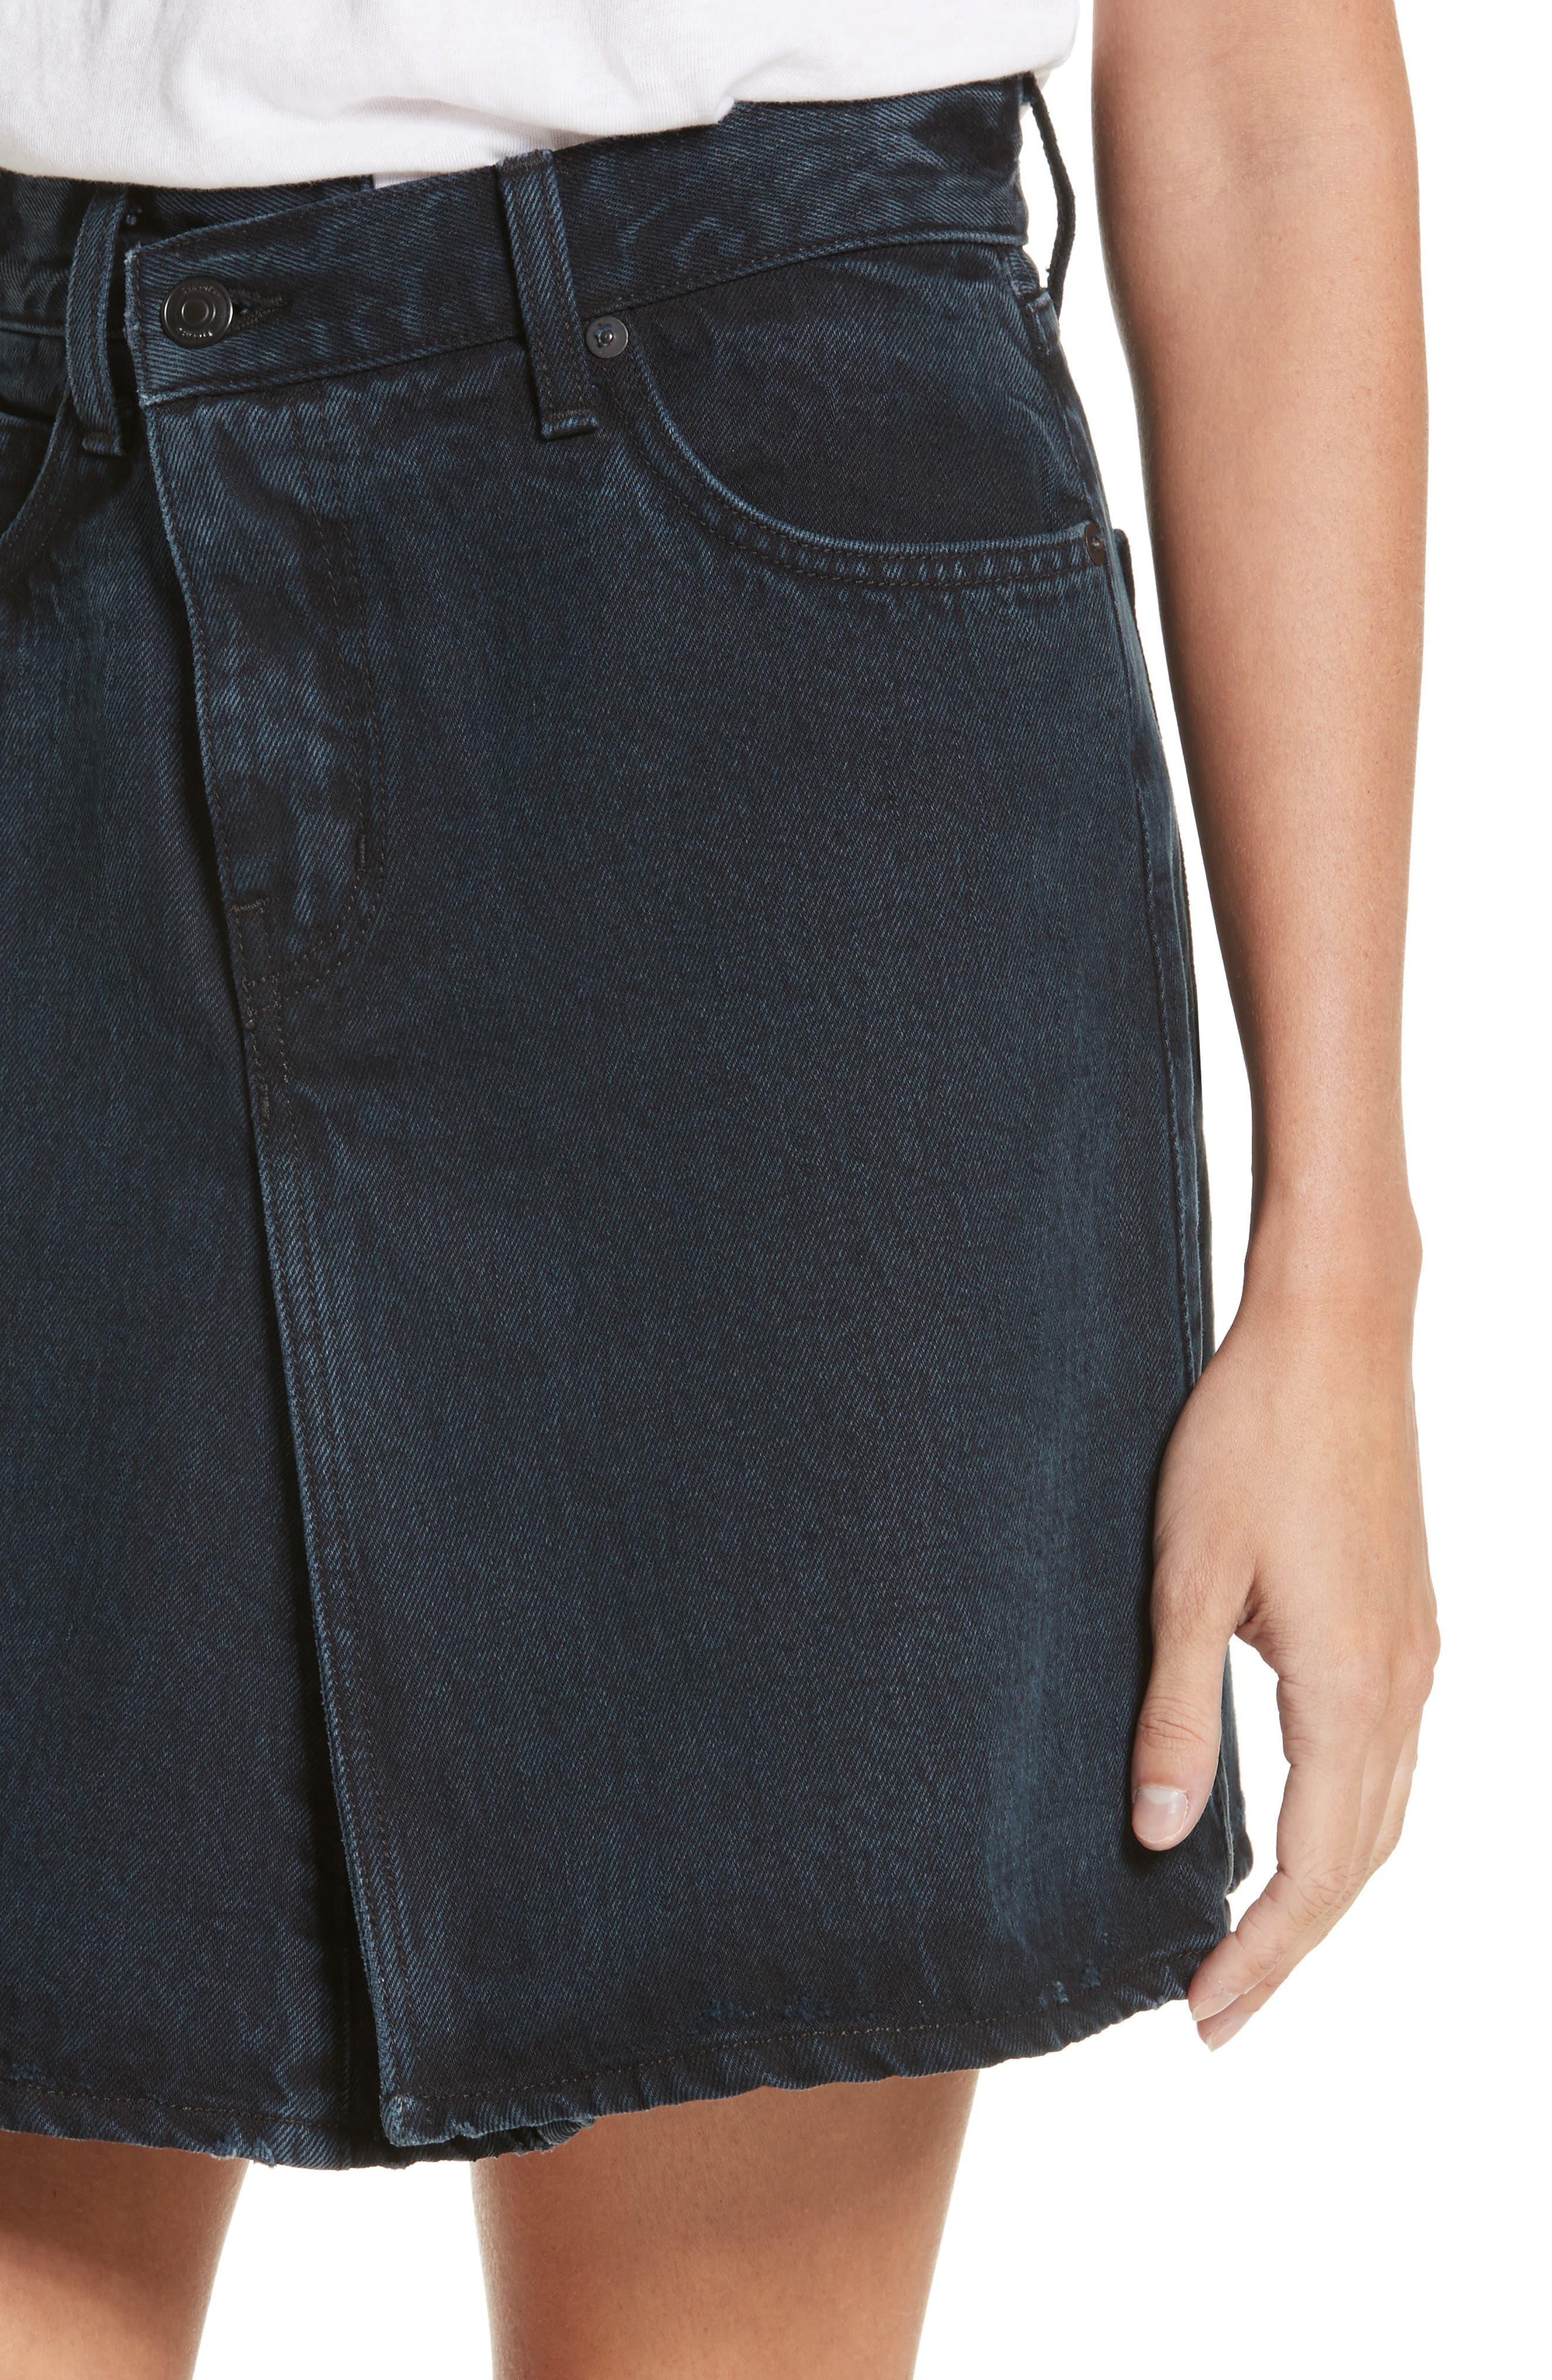 PSWL Folded Denim Skirt,                             Alternate thumbnail 4, color,